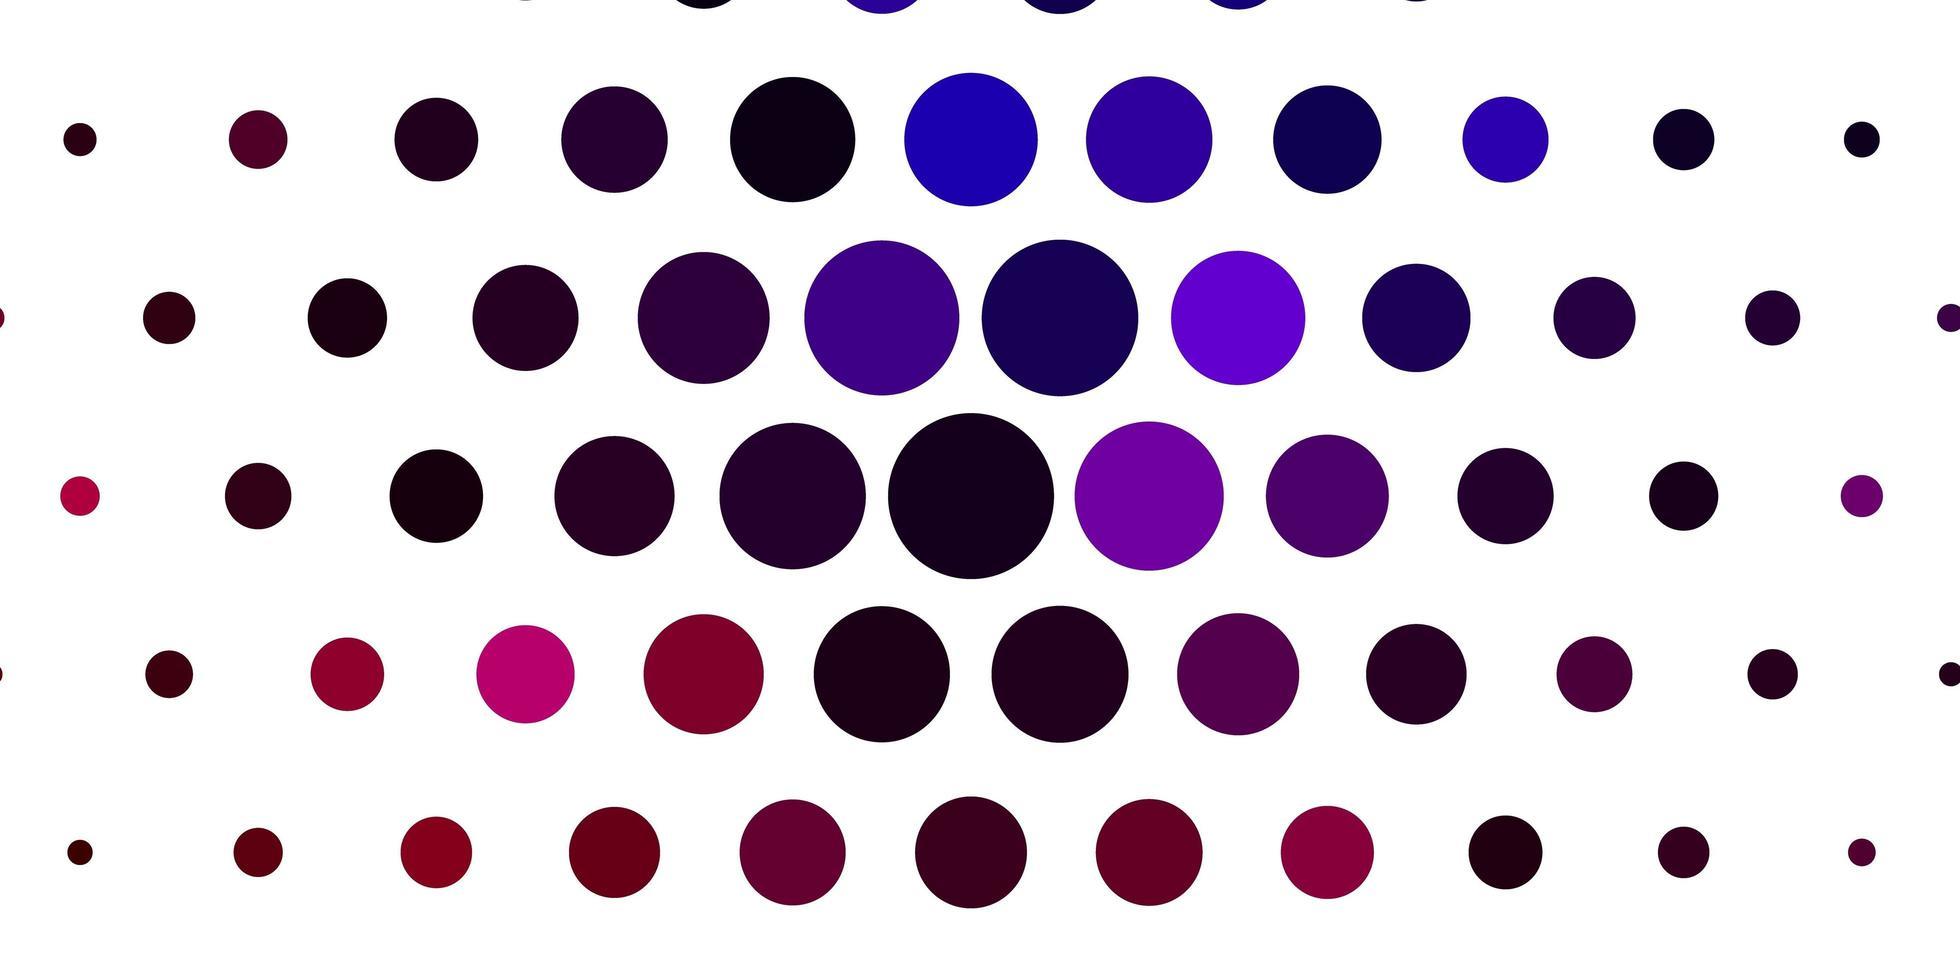 rode, paarse achtergrond met bubbels. vector